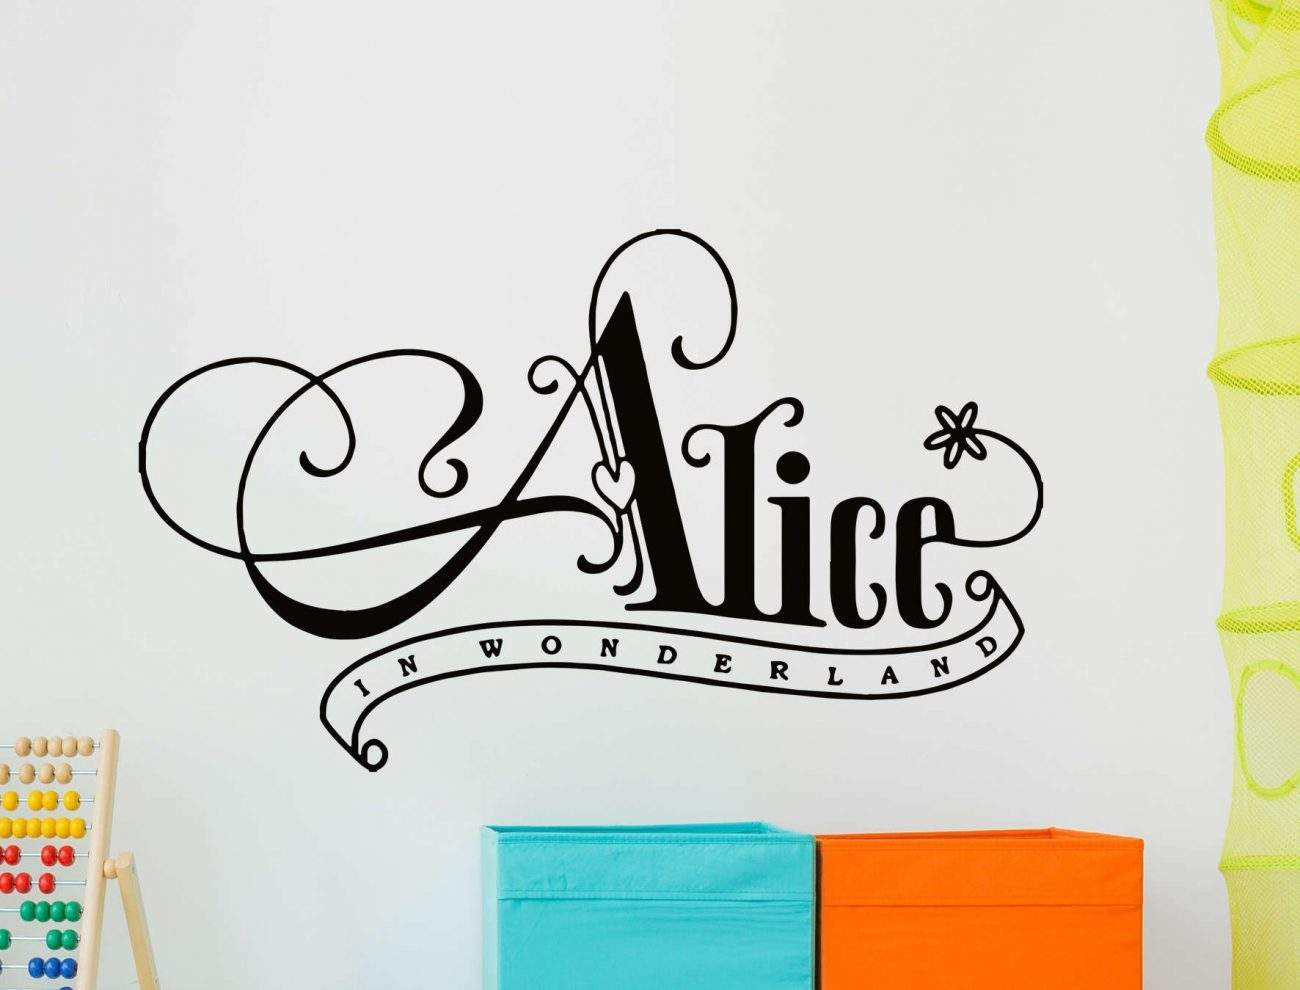 Alice in wonderland wall decal sticker